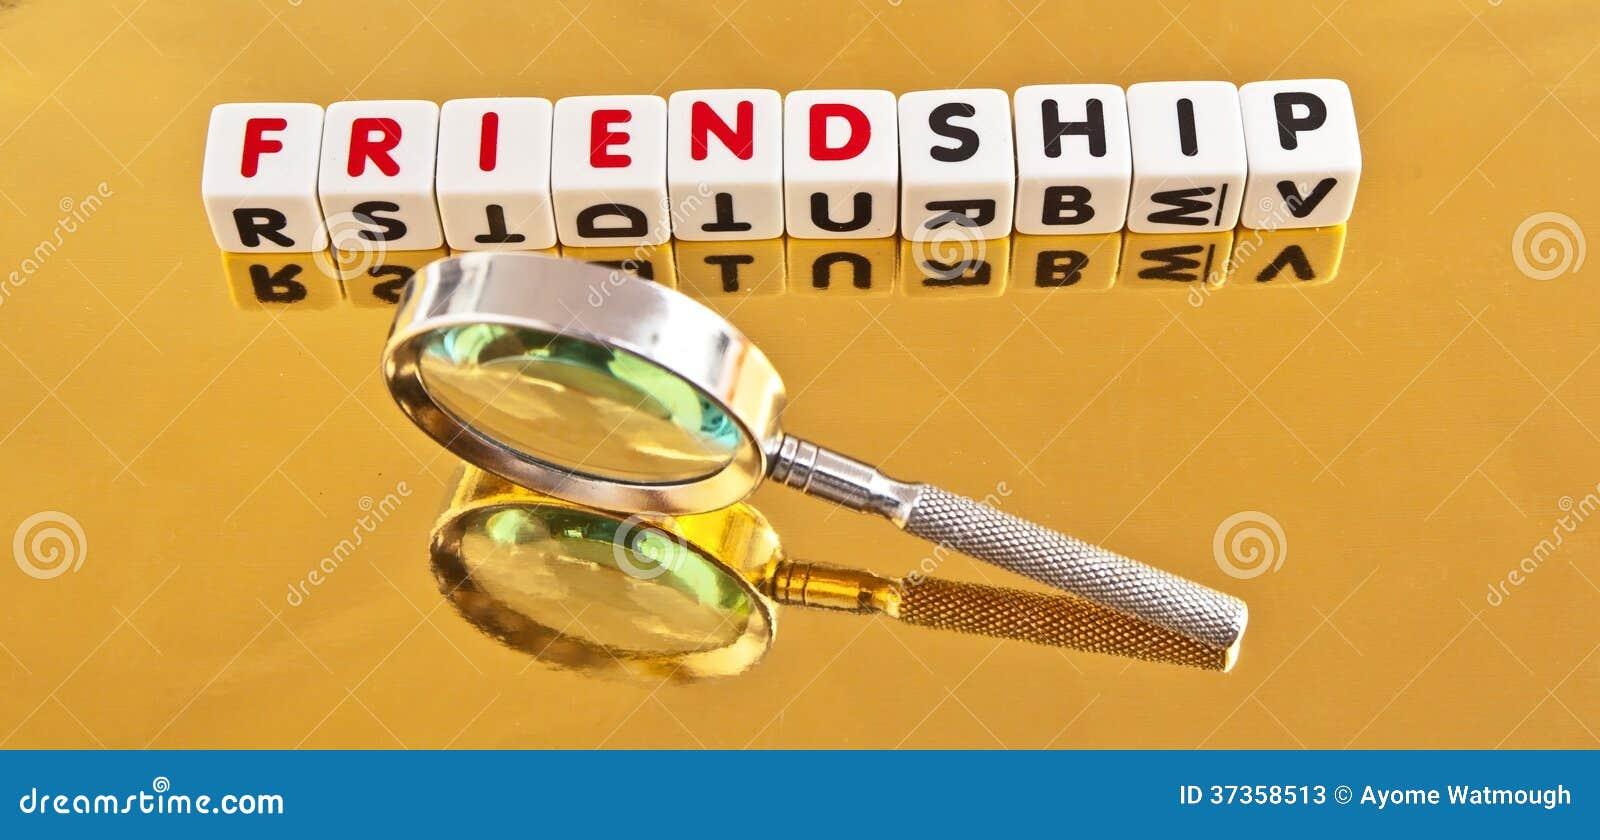 Suche nach Freundschaft